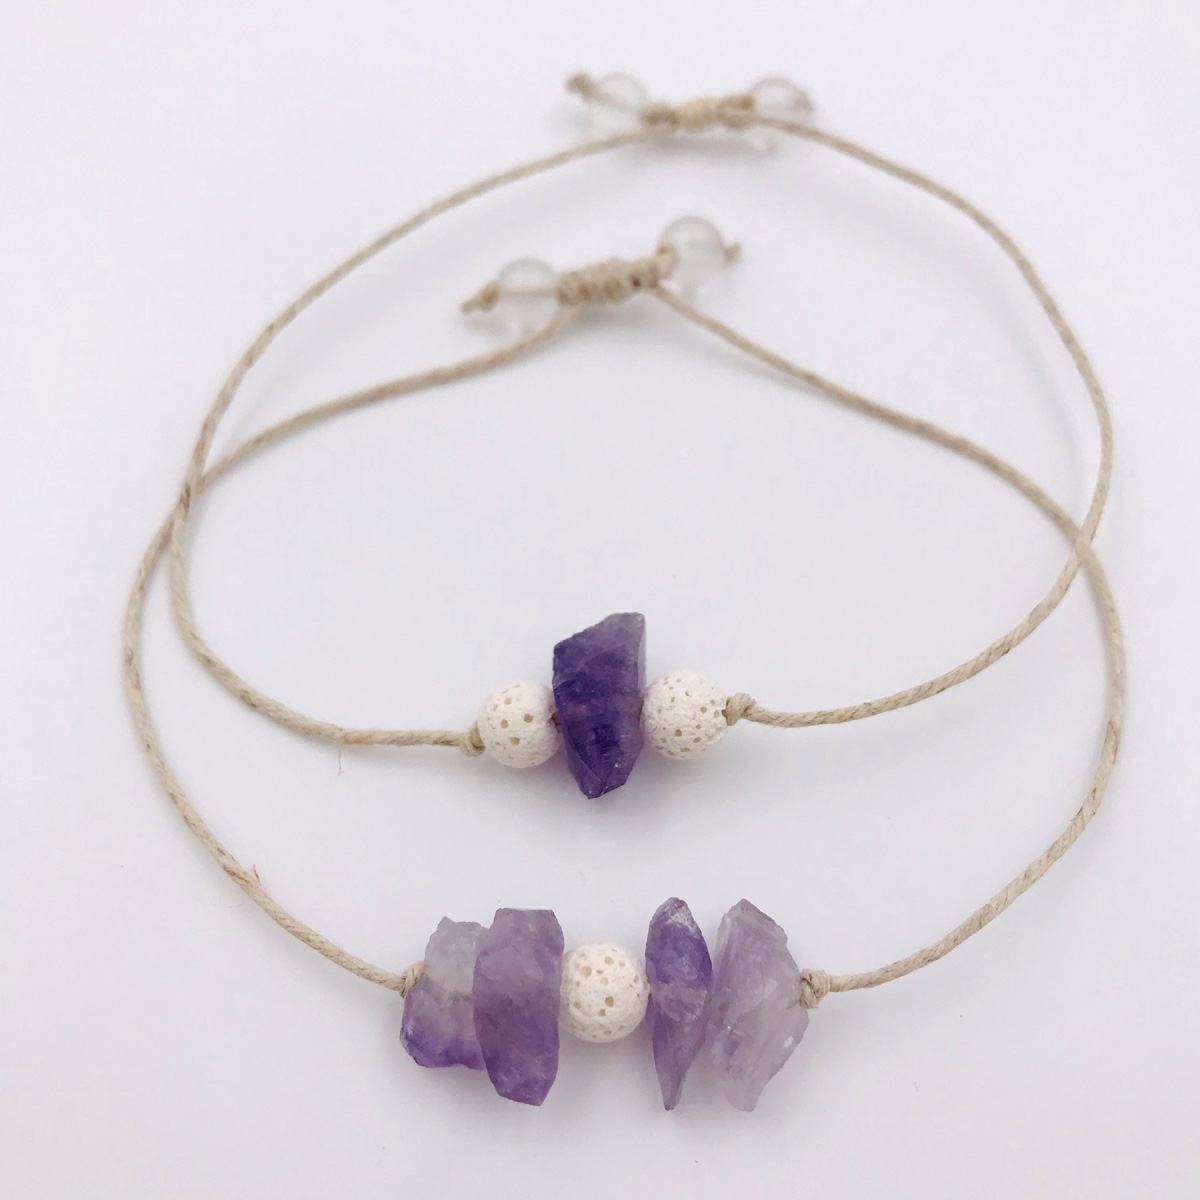 Amethyst Aromatherapy Bracelets